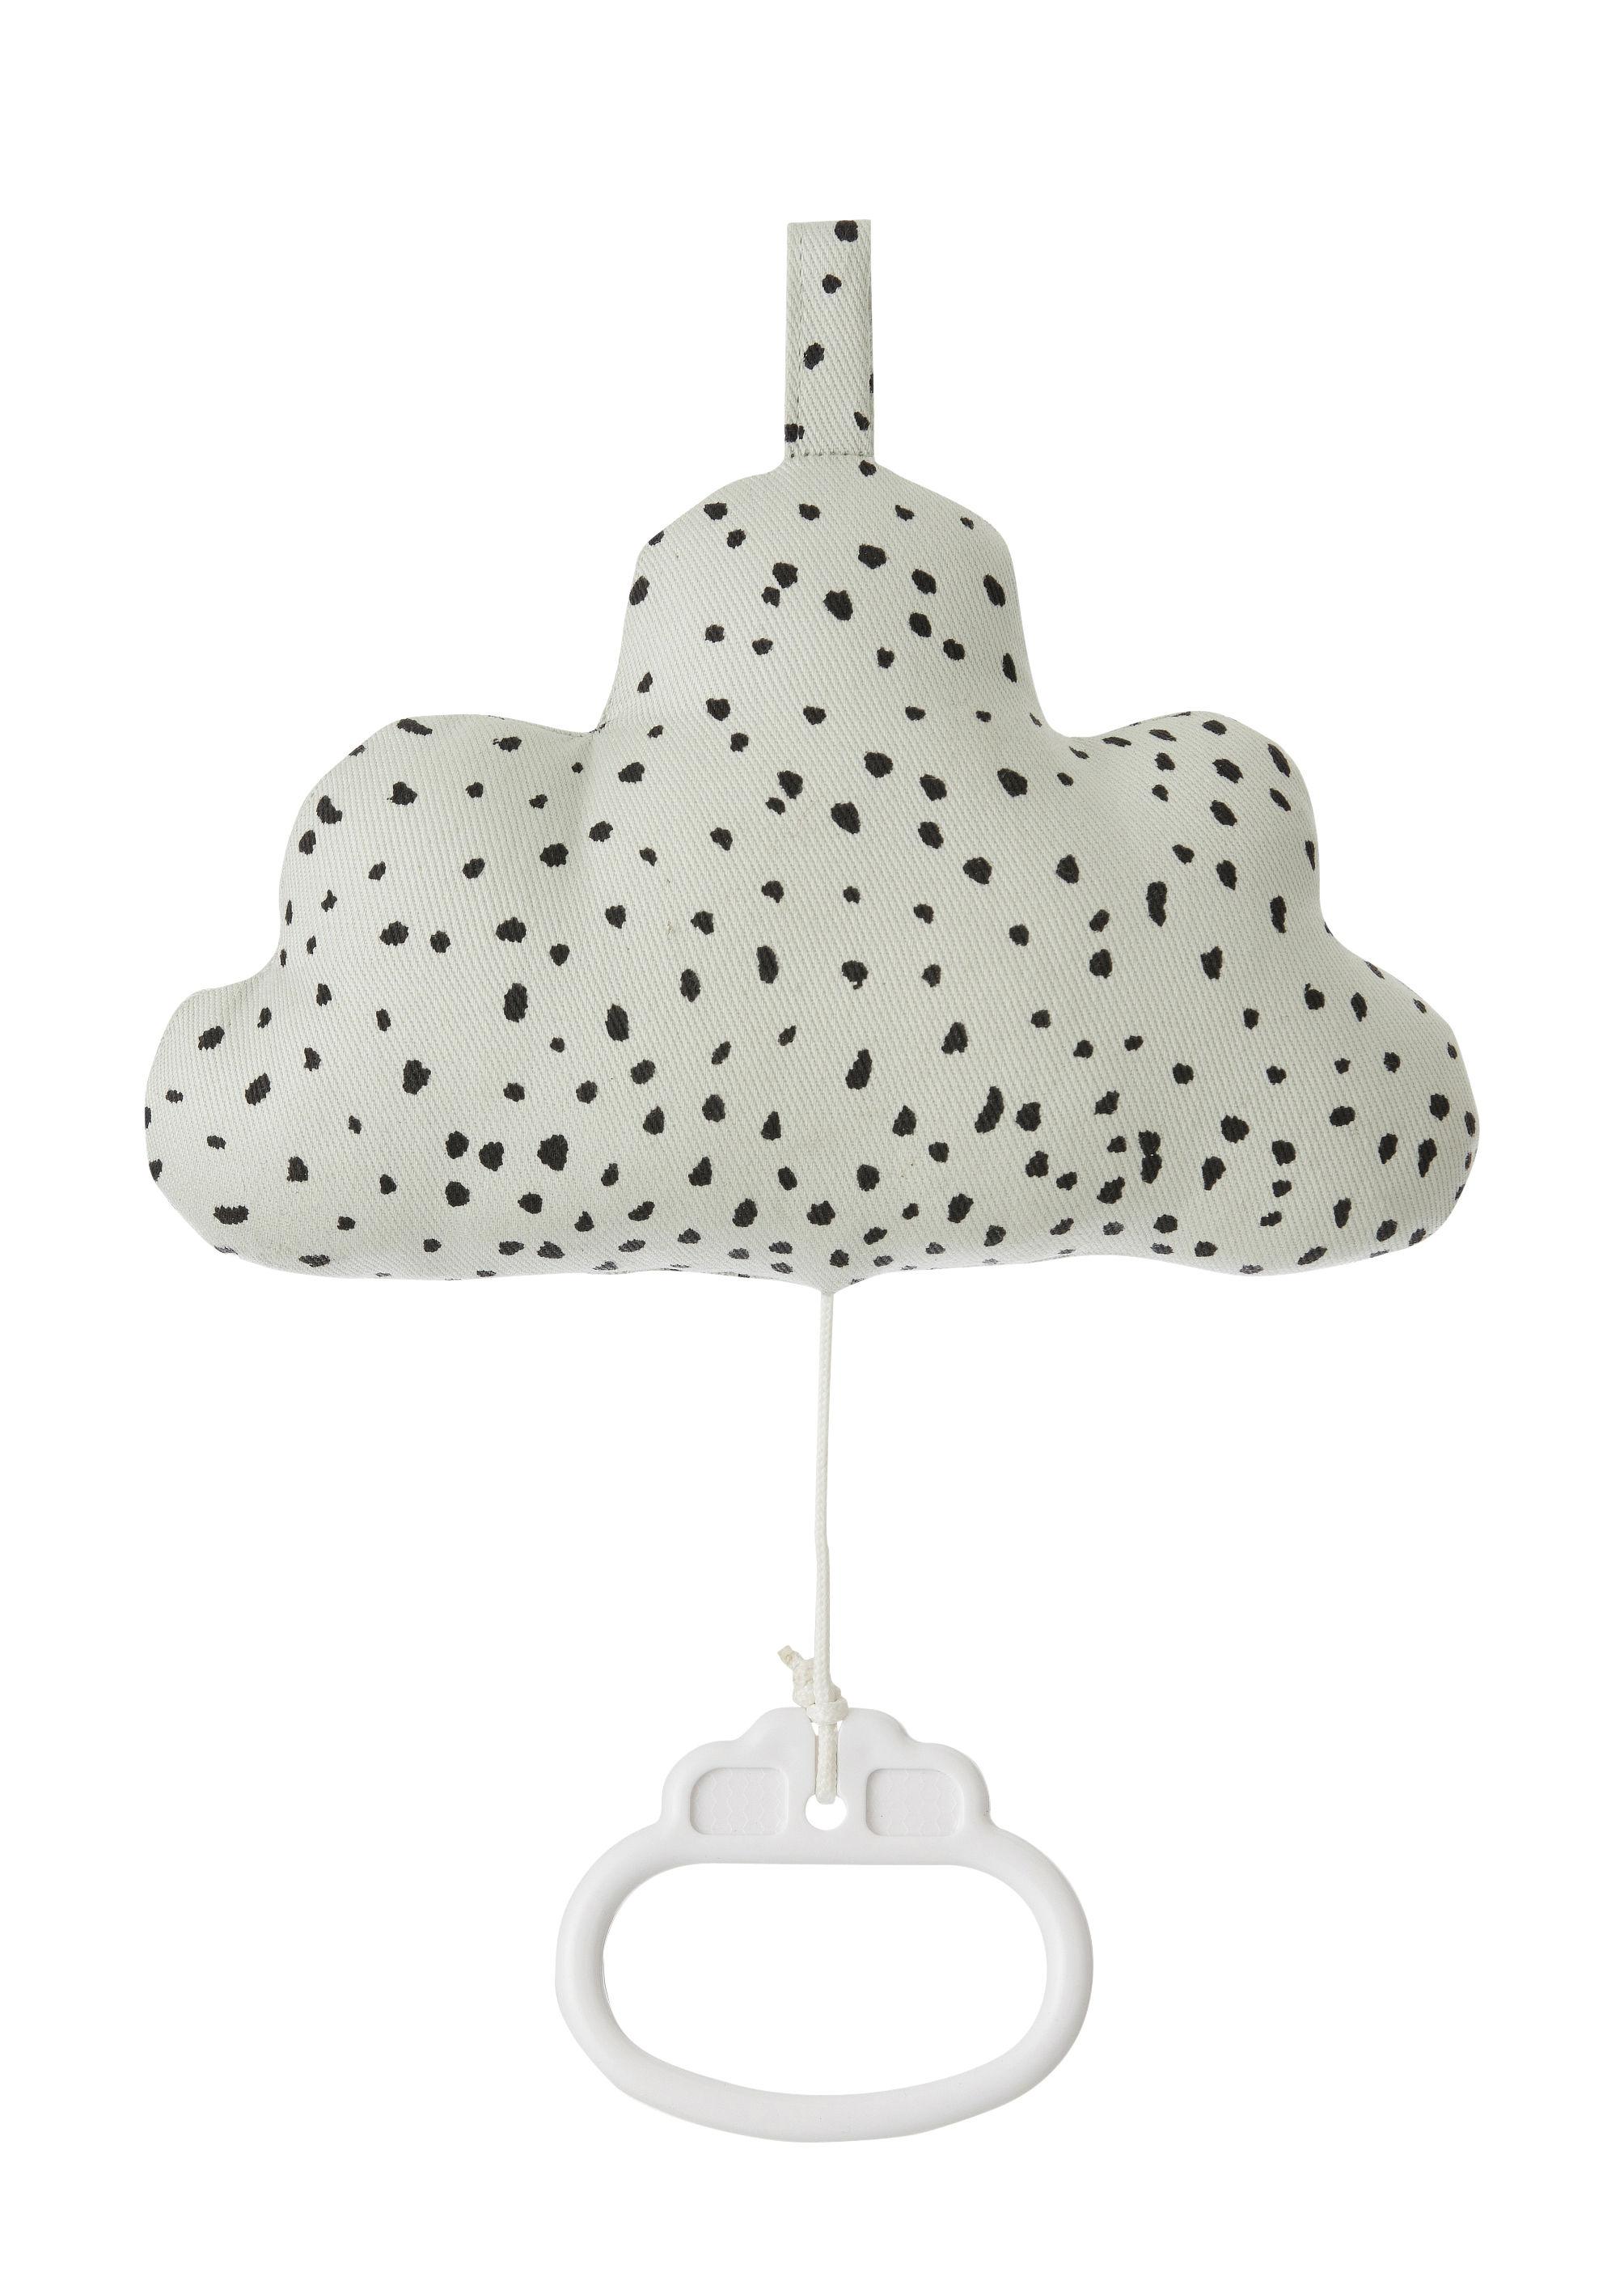 Déco - Pour les enfants - Mobile musical Cloud - Ferm Living - Vert menthe - Coton, Polyester